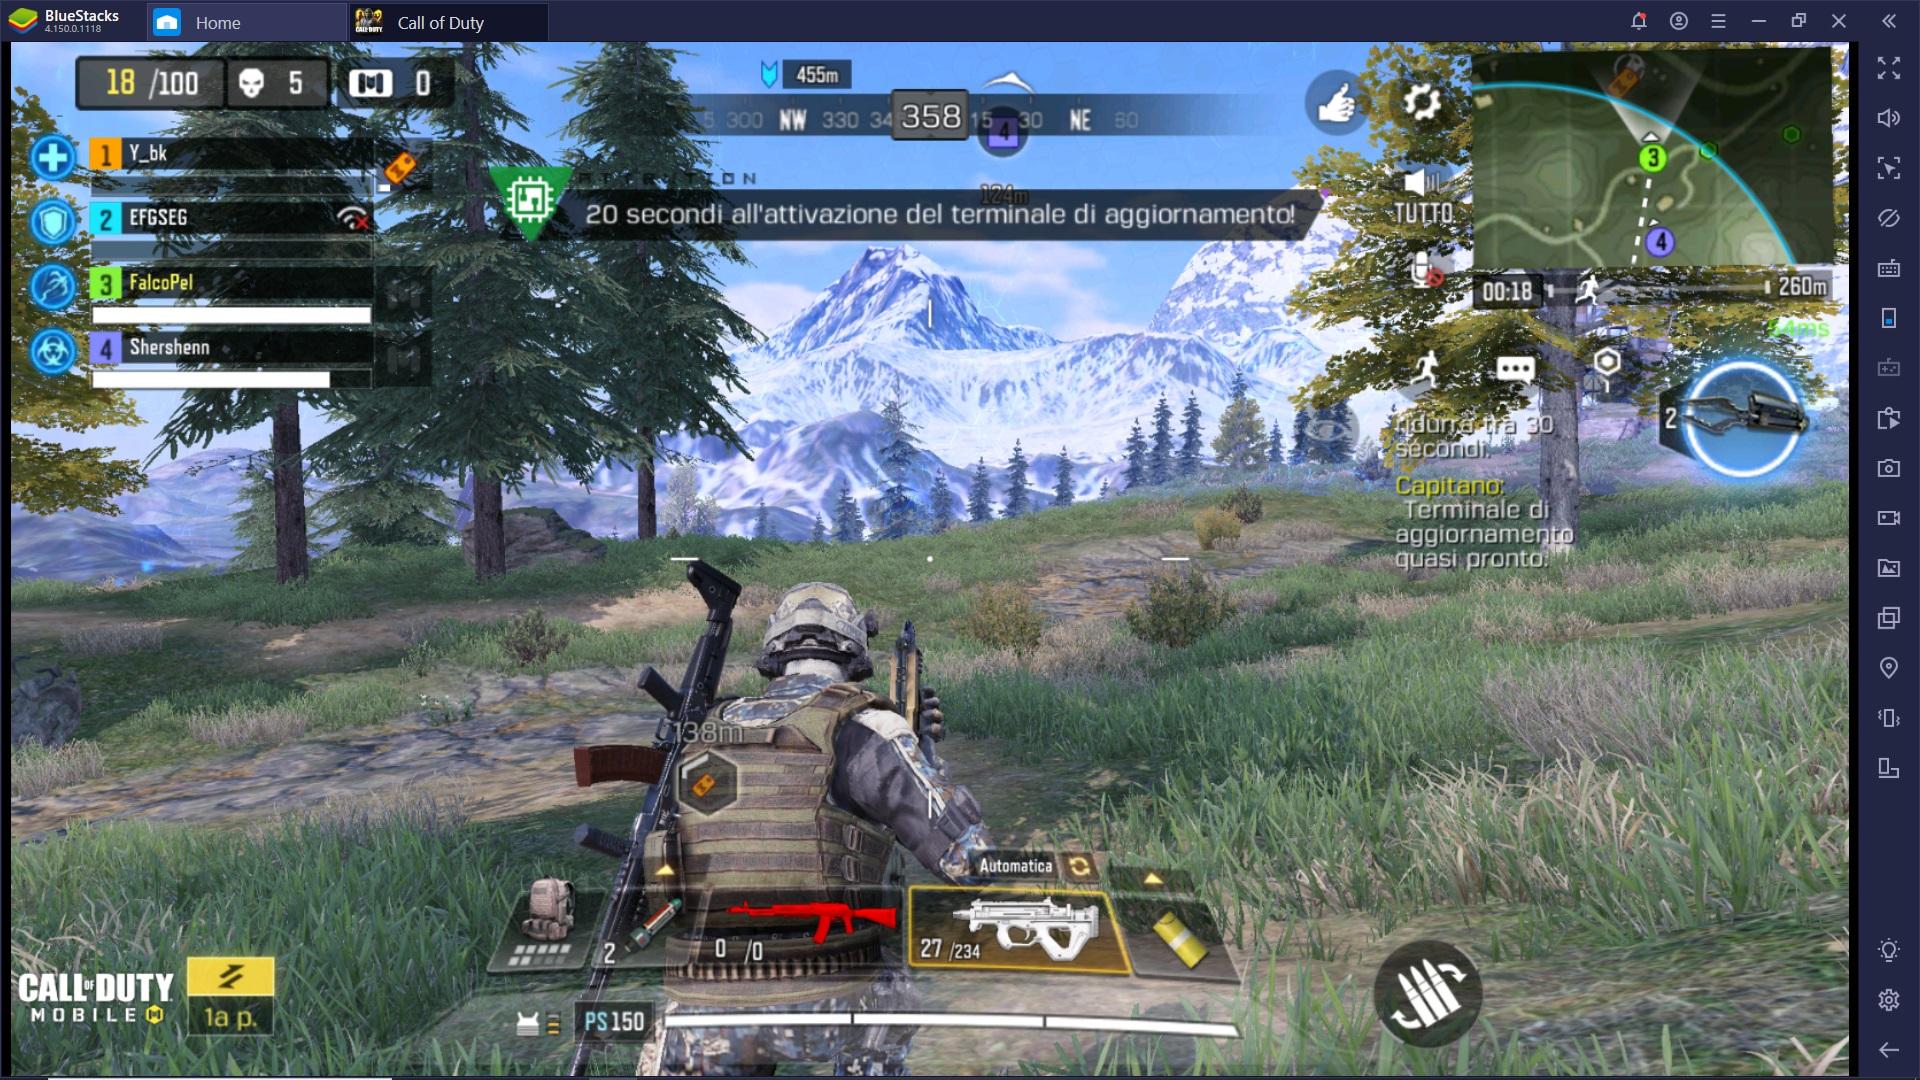 Tutte le novità della Patch 2.0 di Call of Duty: Mobile su PC